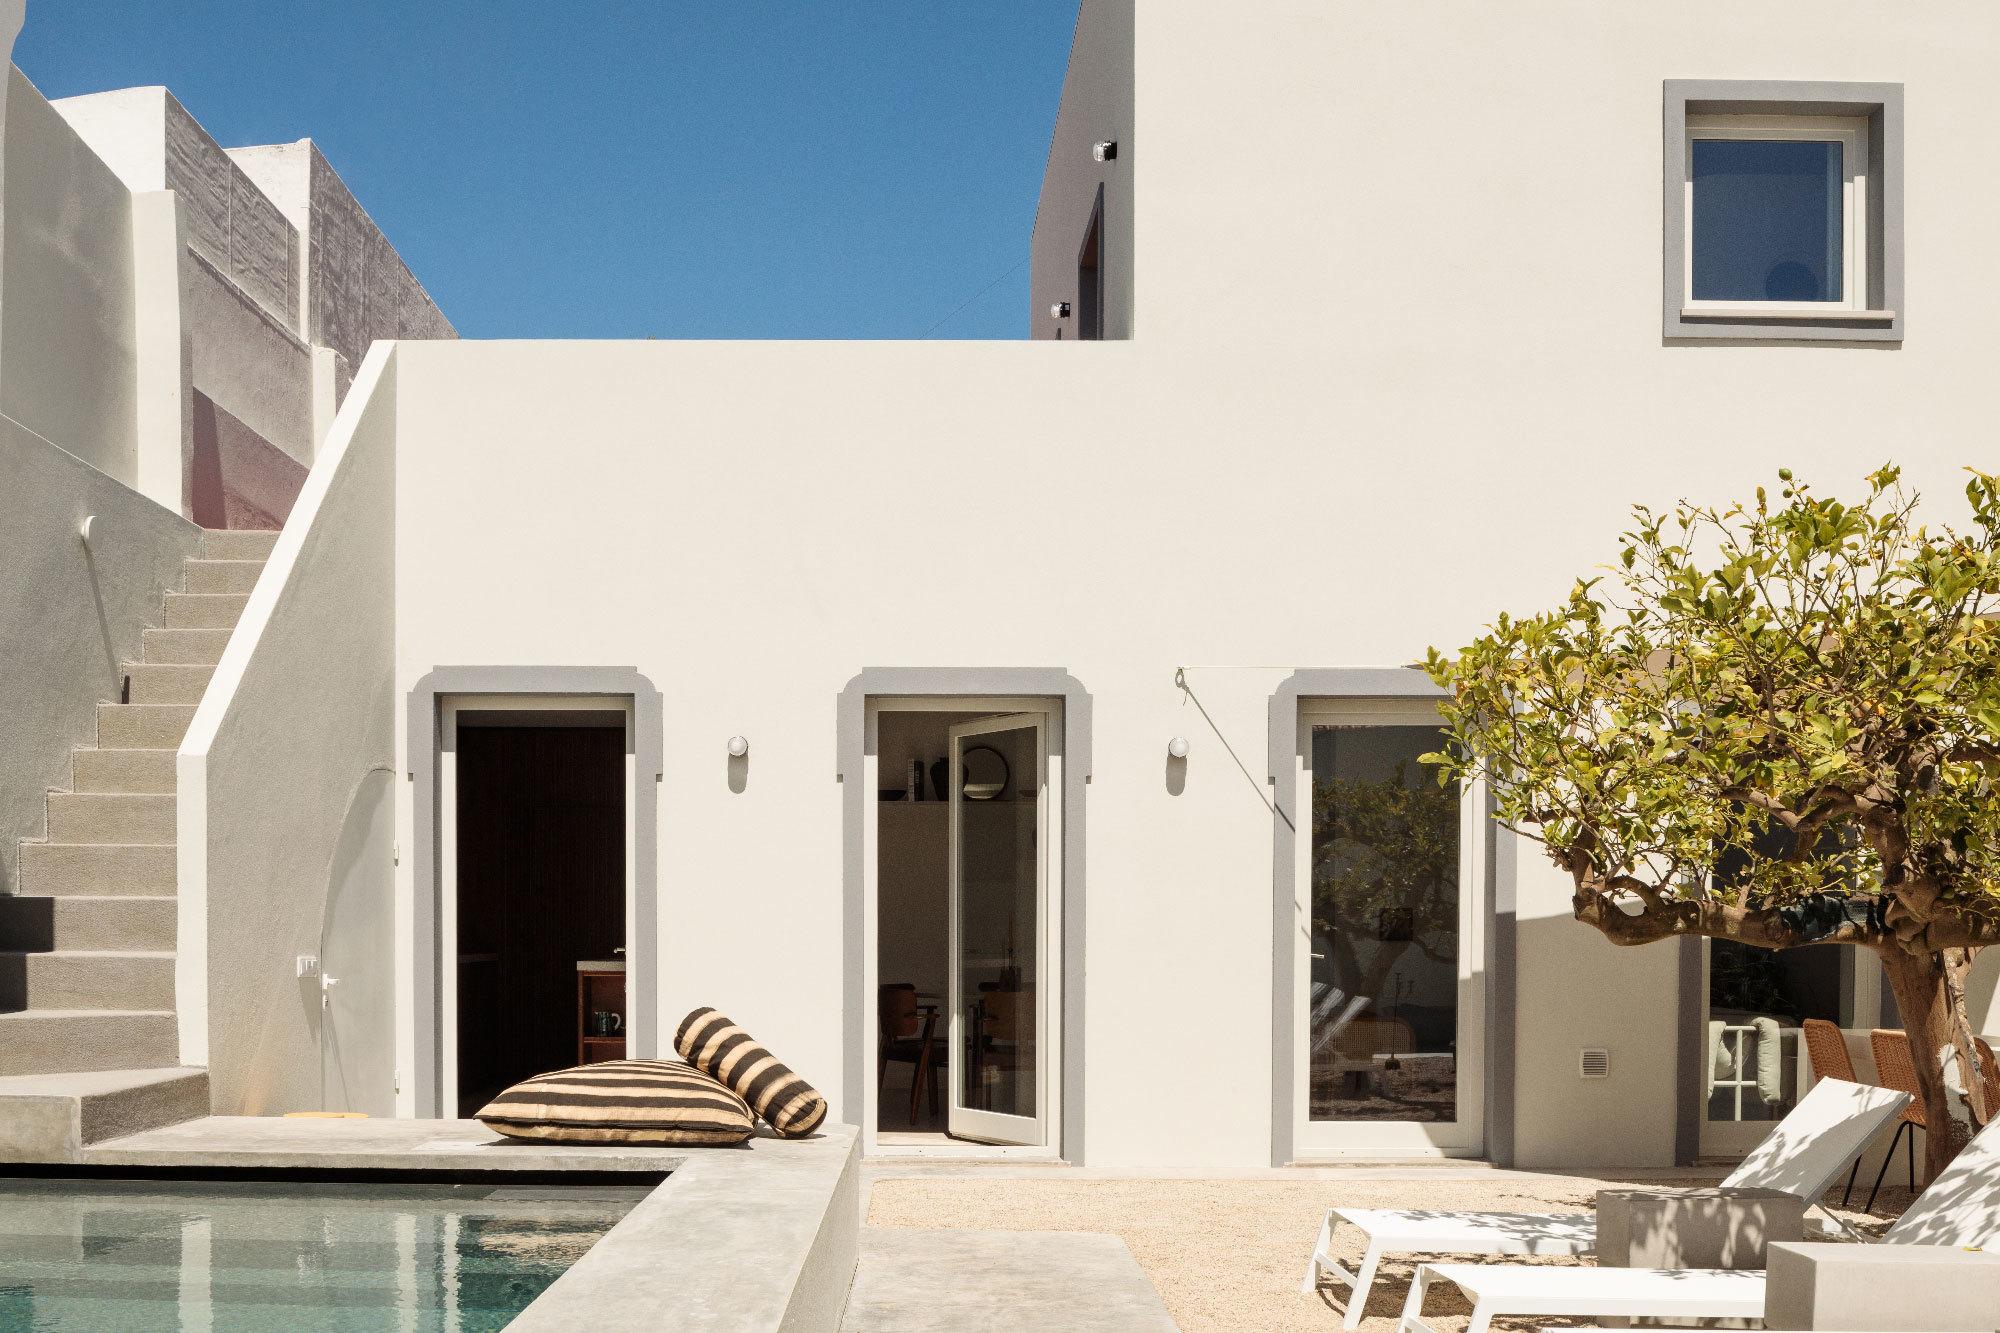 Die Wohnräume sind um einen hellen Innenhof mit einem alten Zitrusbaum gruppiert und durch große Fenster mit dem Außenbereich verbunden.